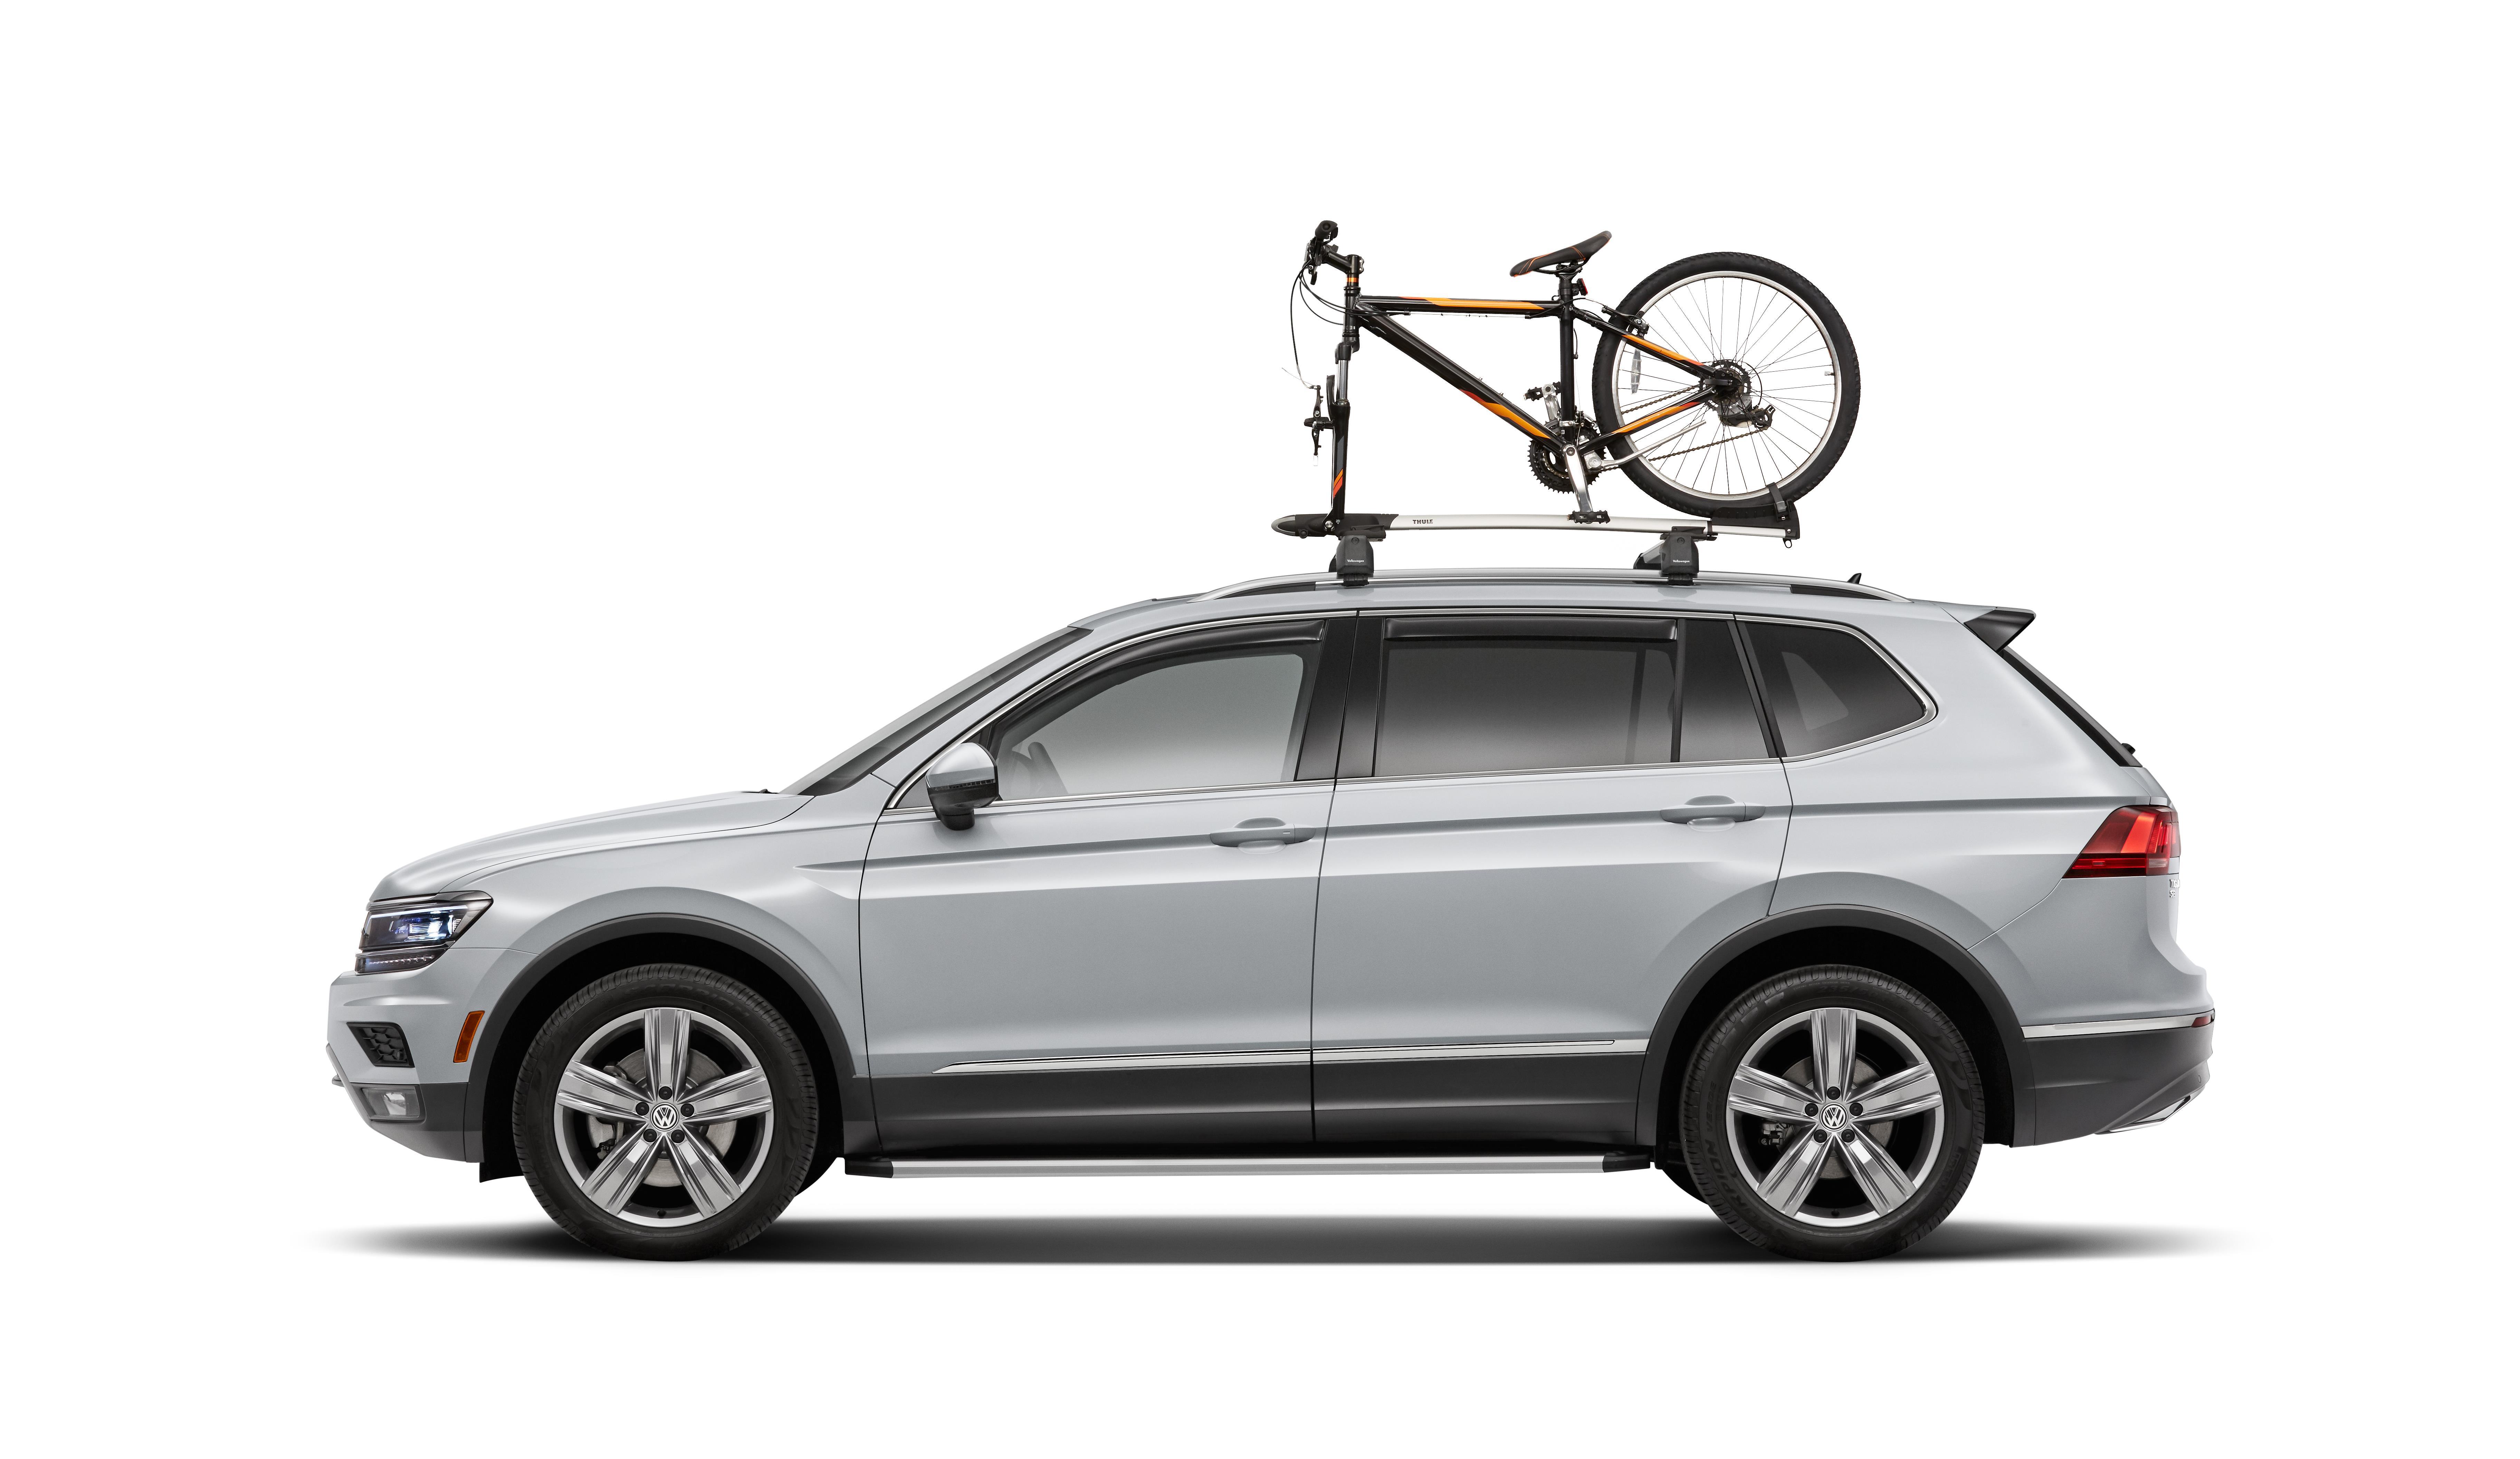 volkswagen golf r thule fork mount bike carrier. Black Bedroom Furniture Sets. Home Design Ideas